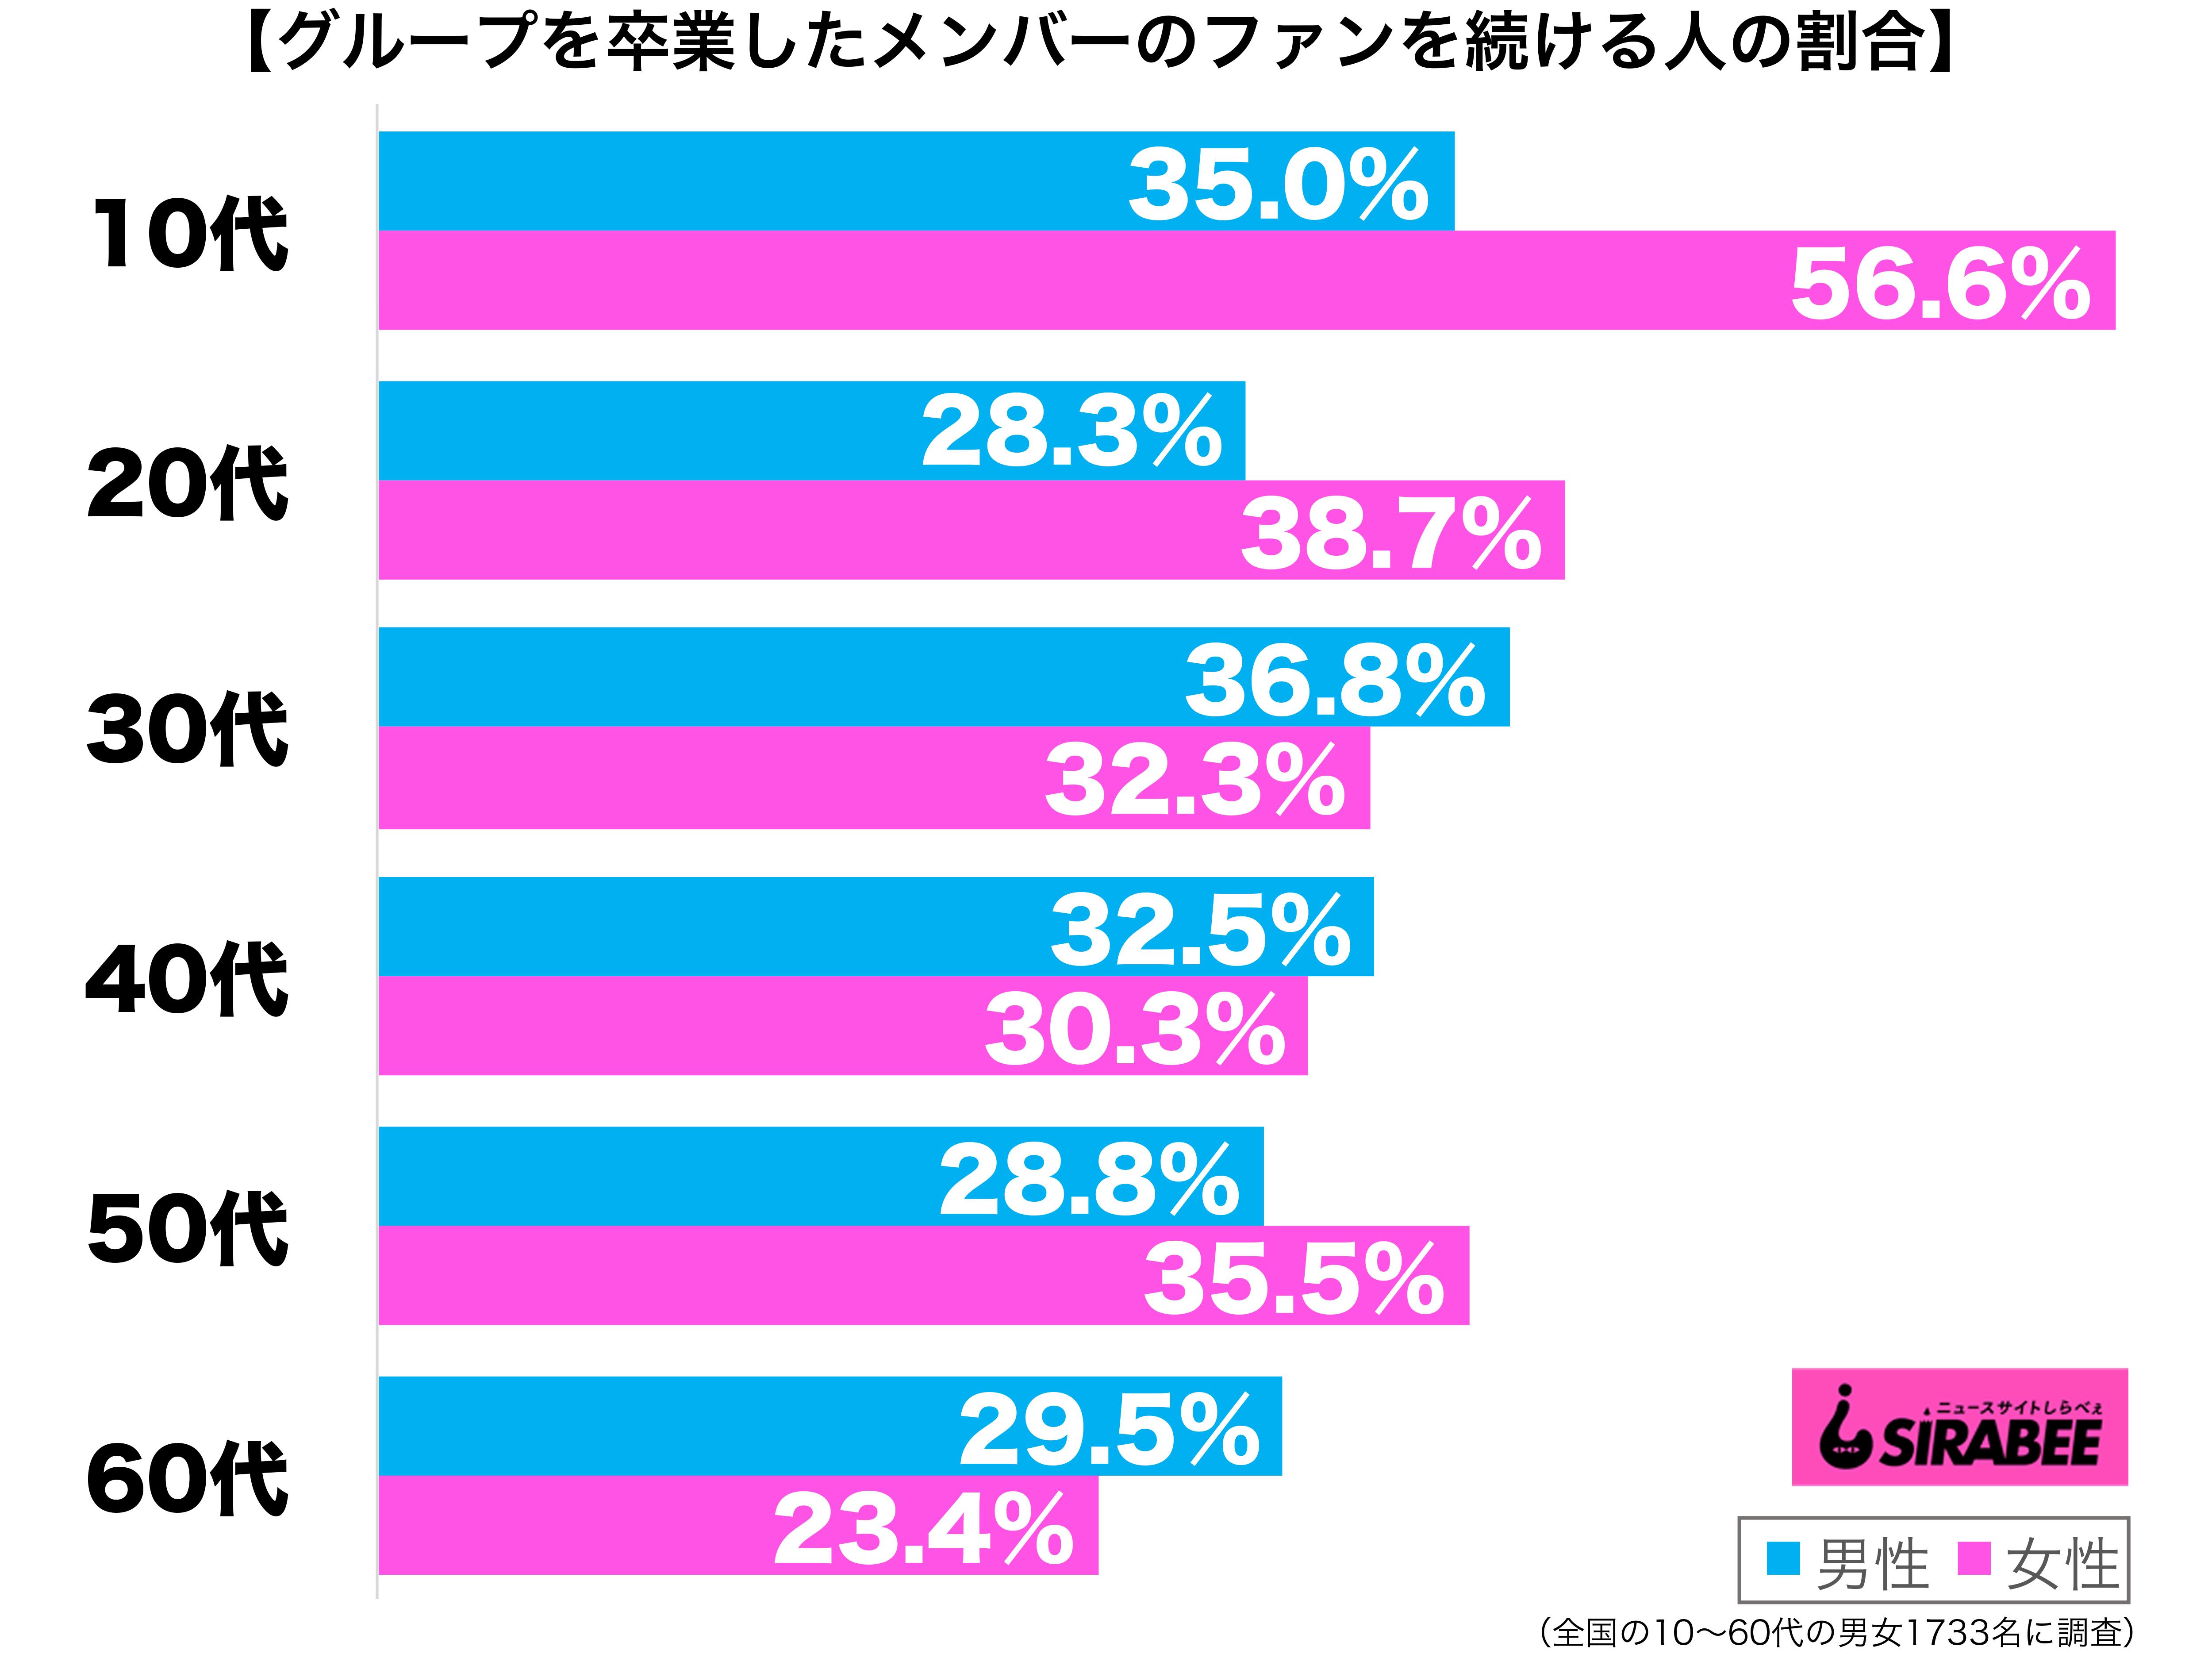 アイドルグループを卒業したメンバーも、変わらずにファンで居続けられると思う性年代別グラフ